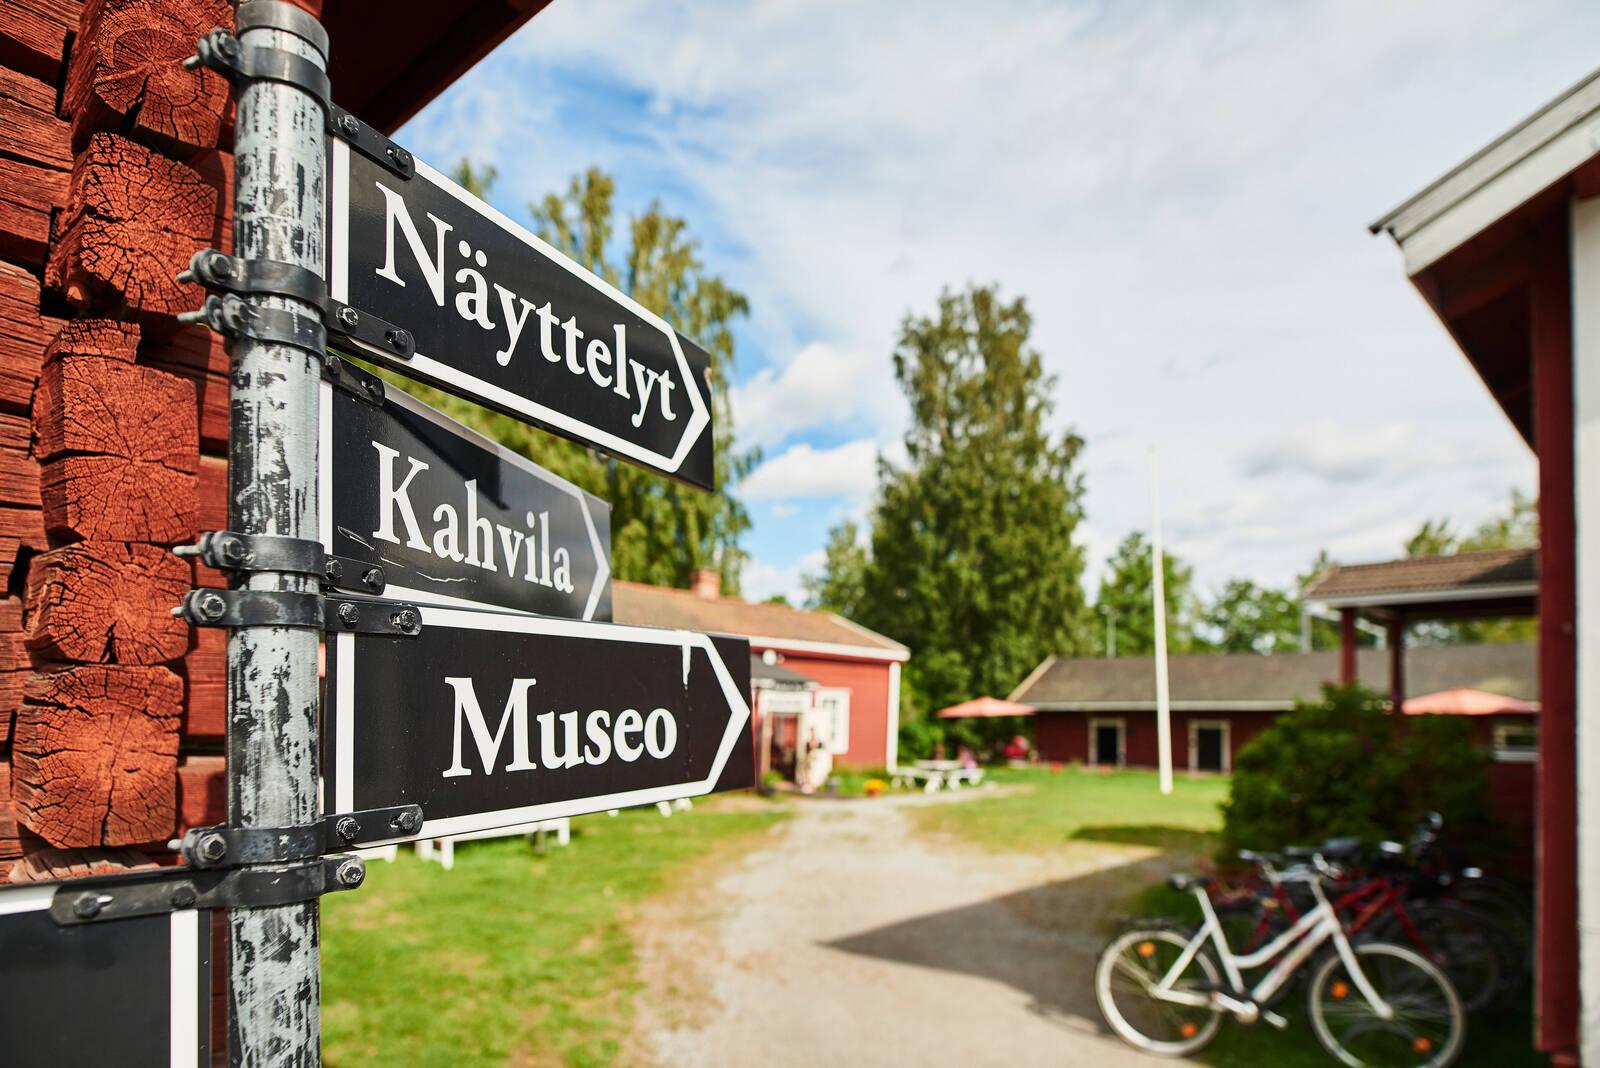 Näyttely-, kahvio- ja museo-opasteviitat Hinttalan kotiseutumuseon alueella.